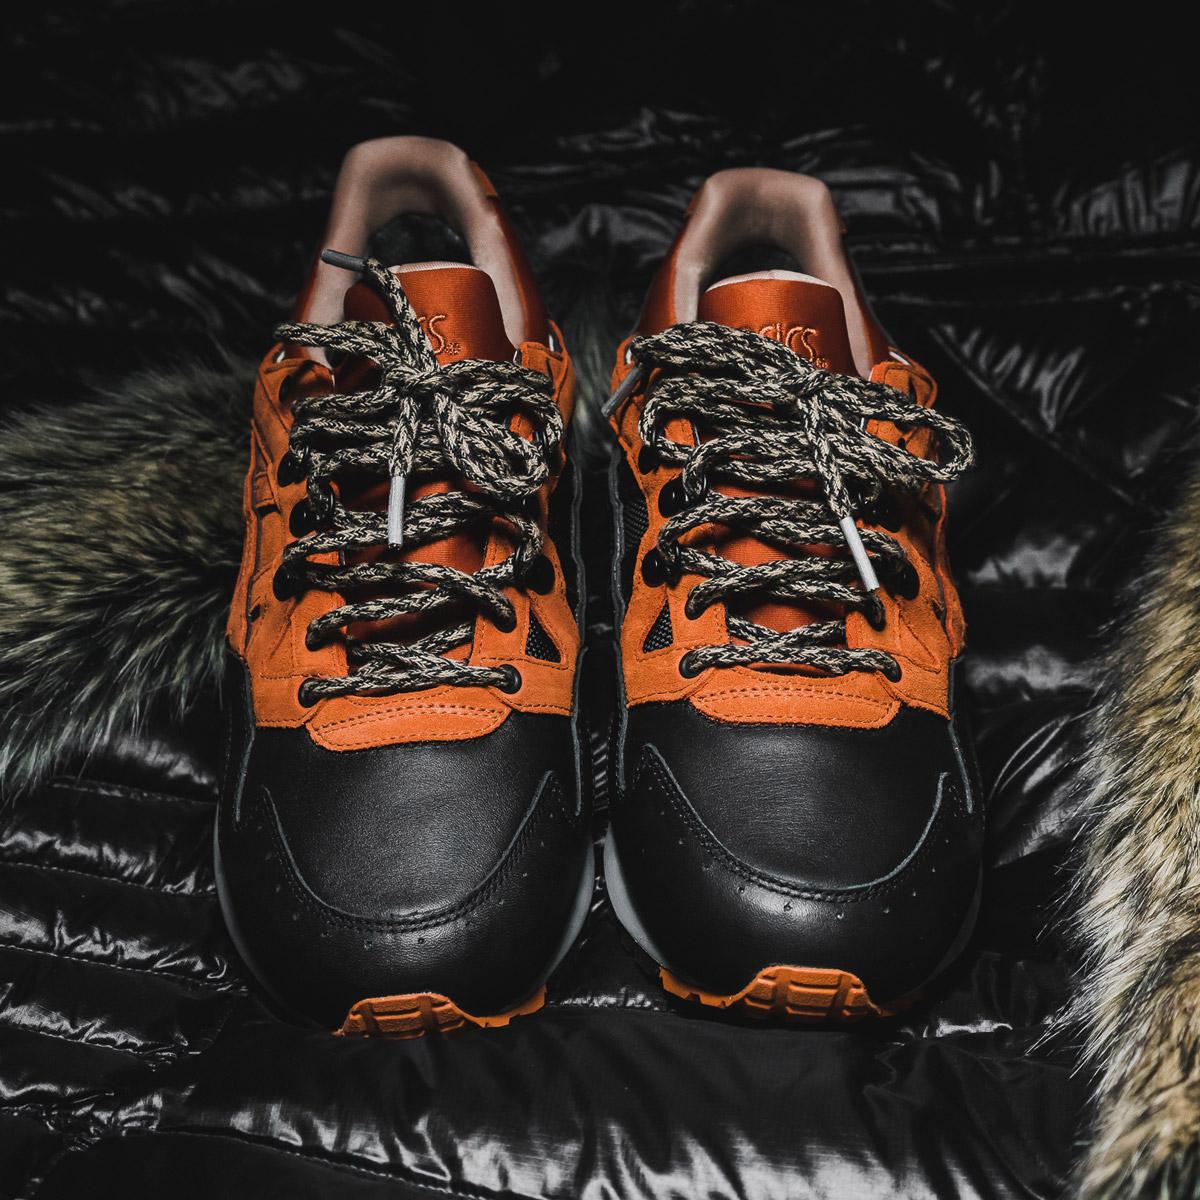 Lyte Packer Zapatos X Asics Gel 5 Tex Gore cSwolT7zXT